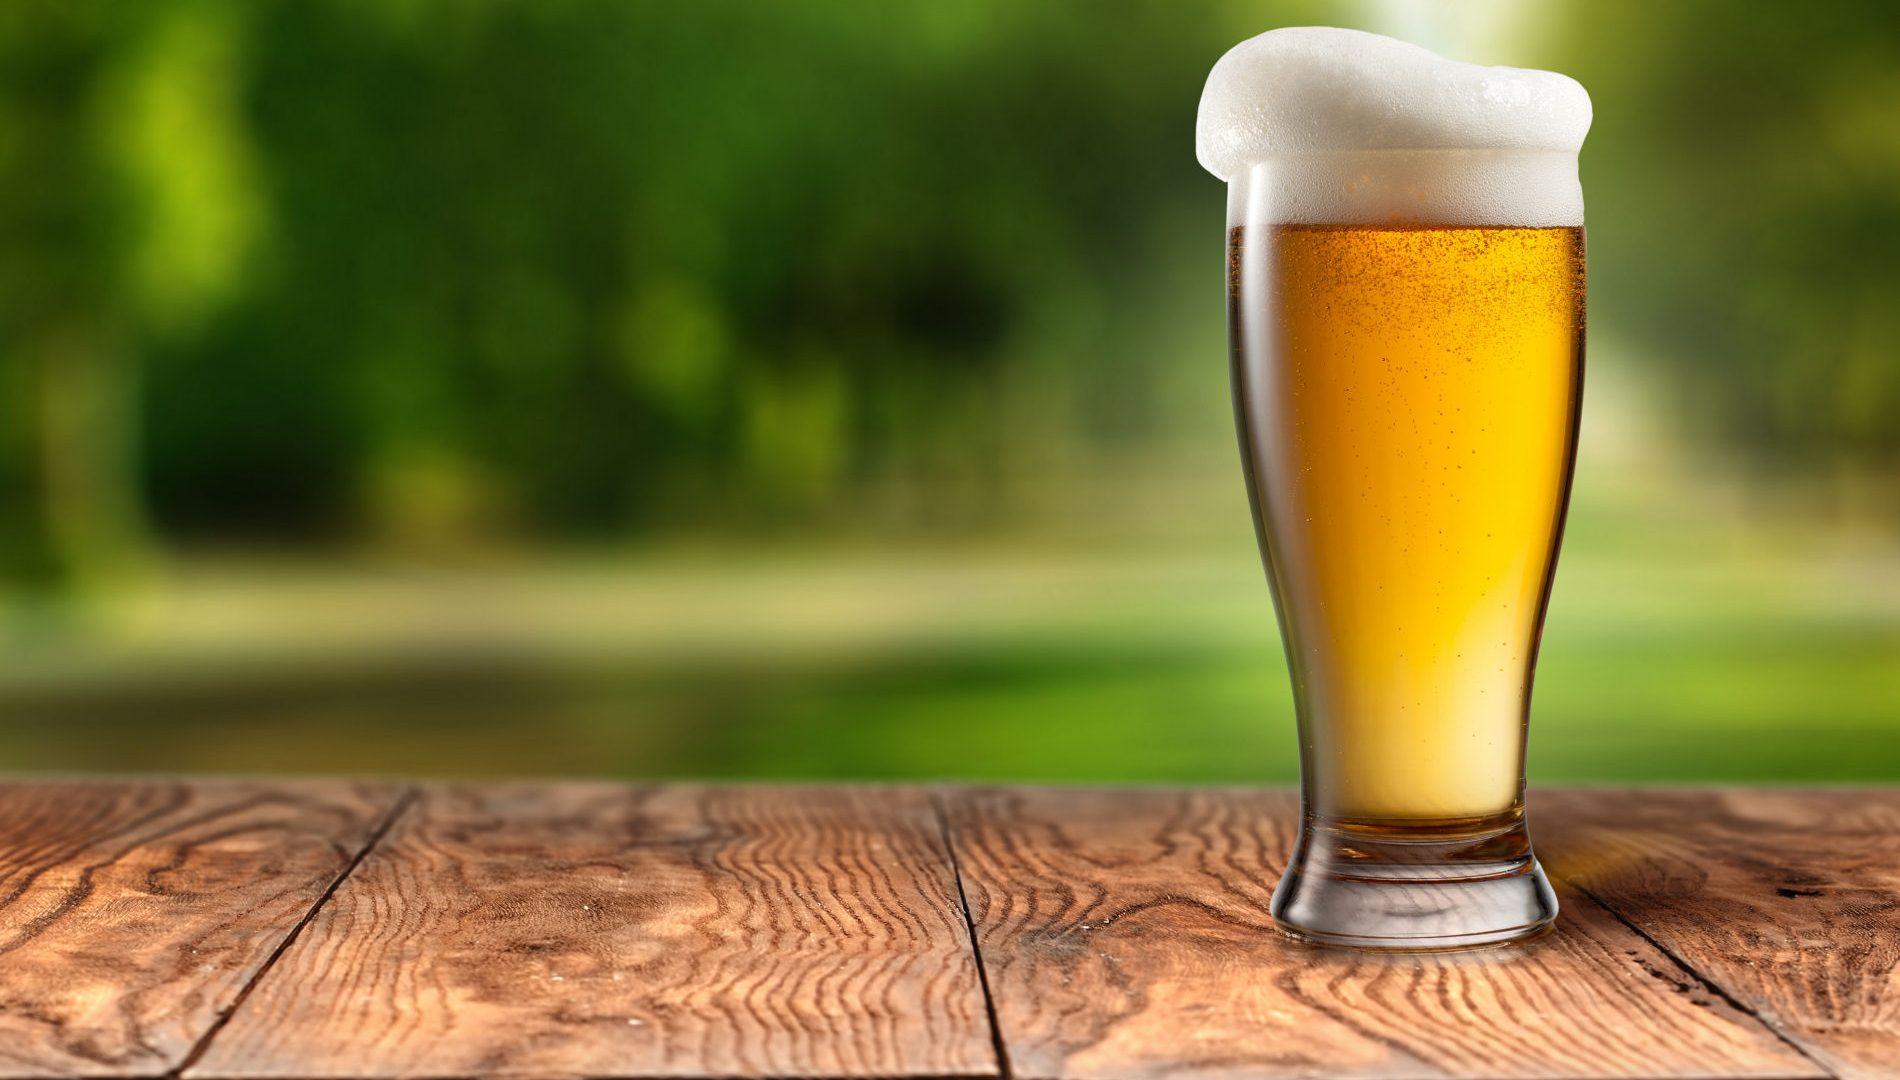 come chiedere una birra in spagna